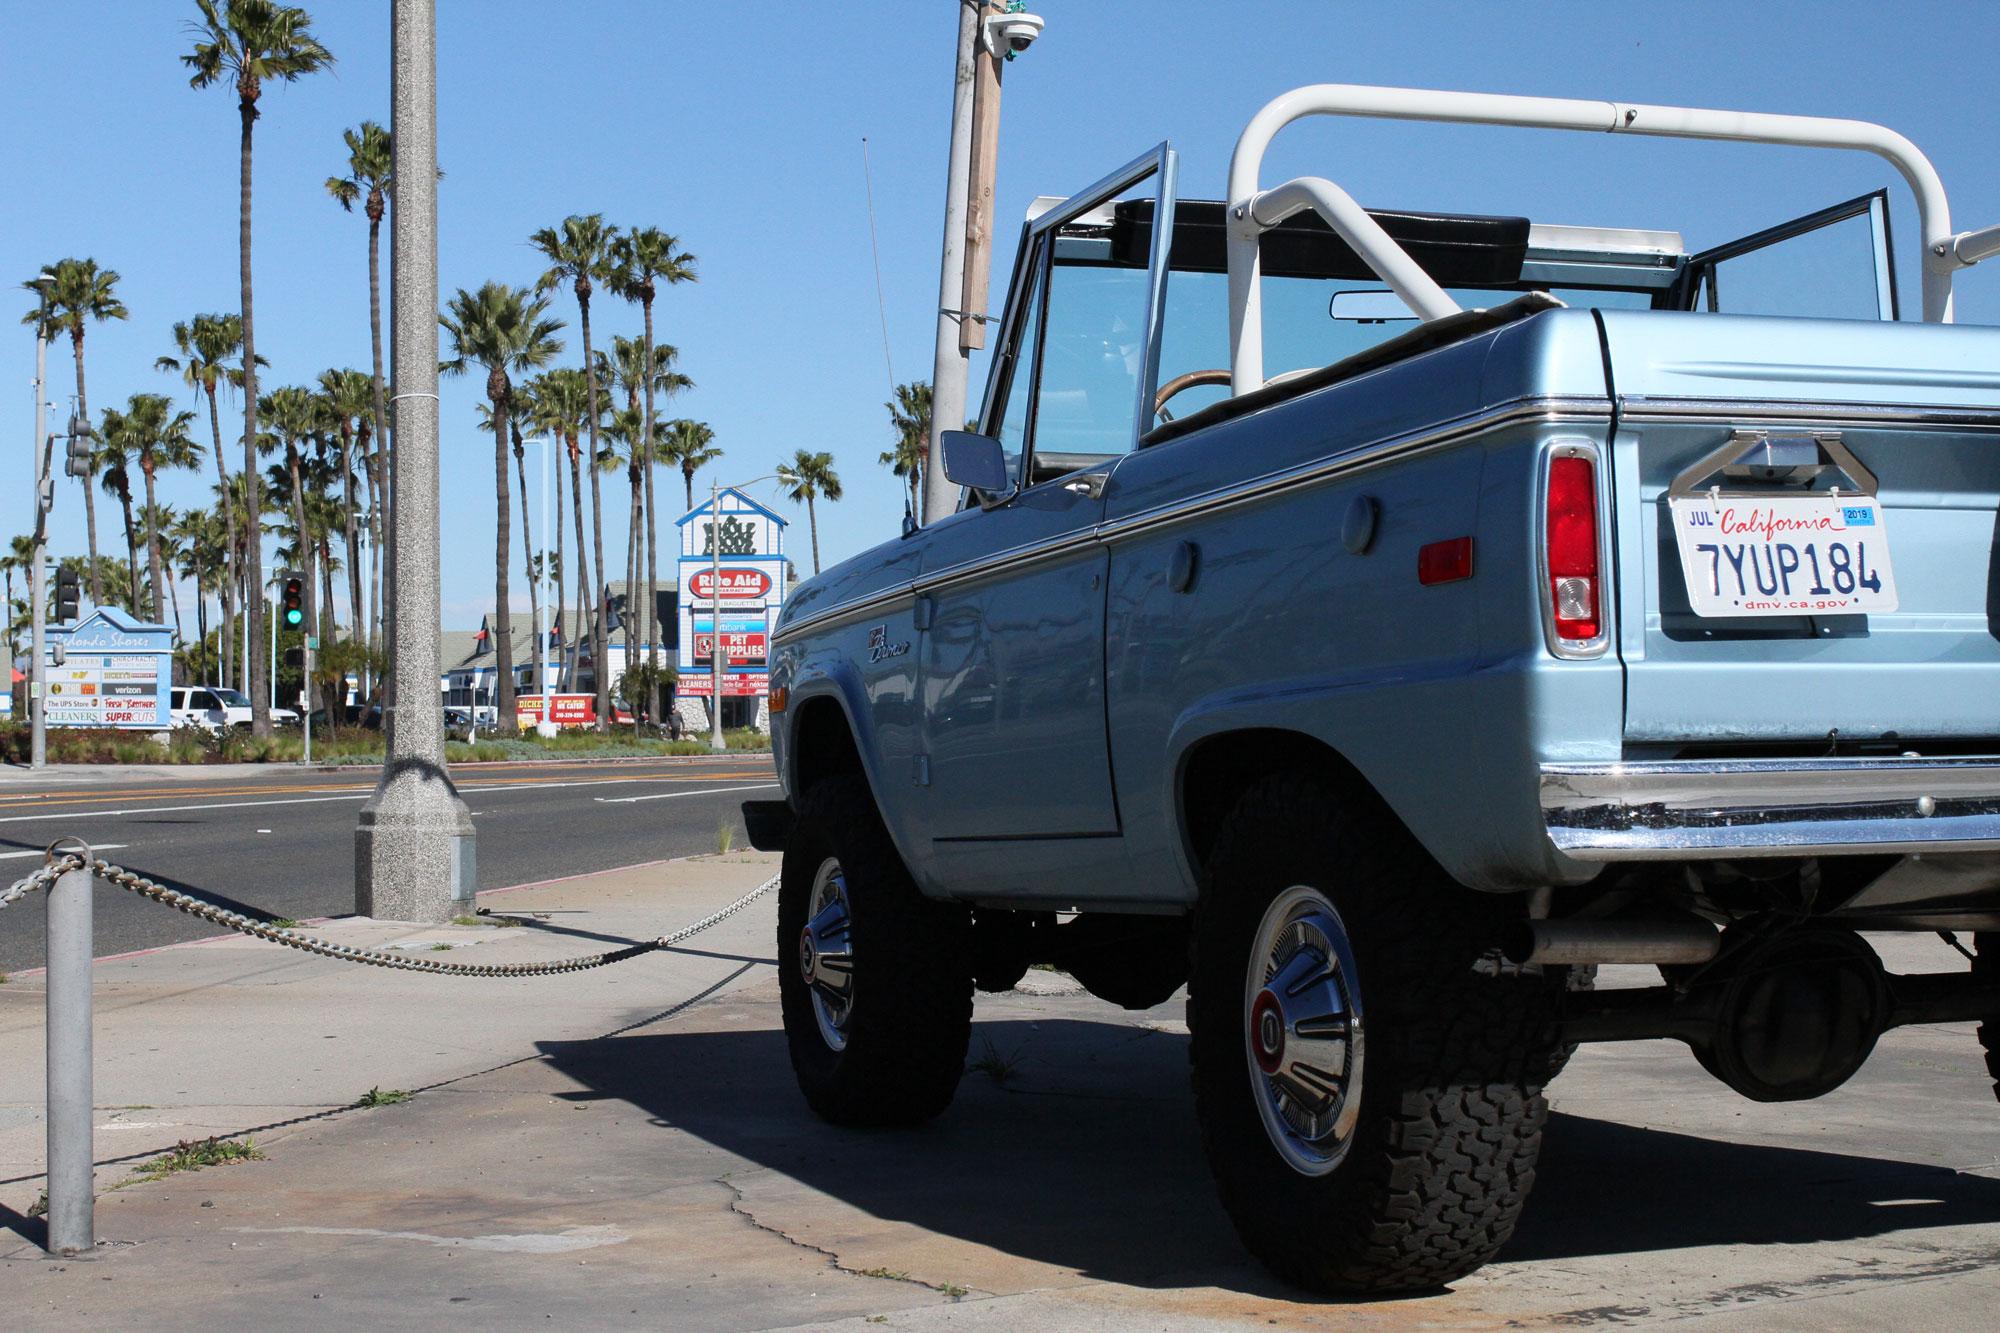 Ford Bronco ljusblå vid Highway one mitt på ljusa dagen